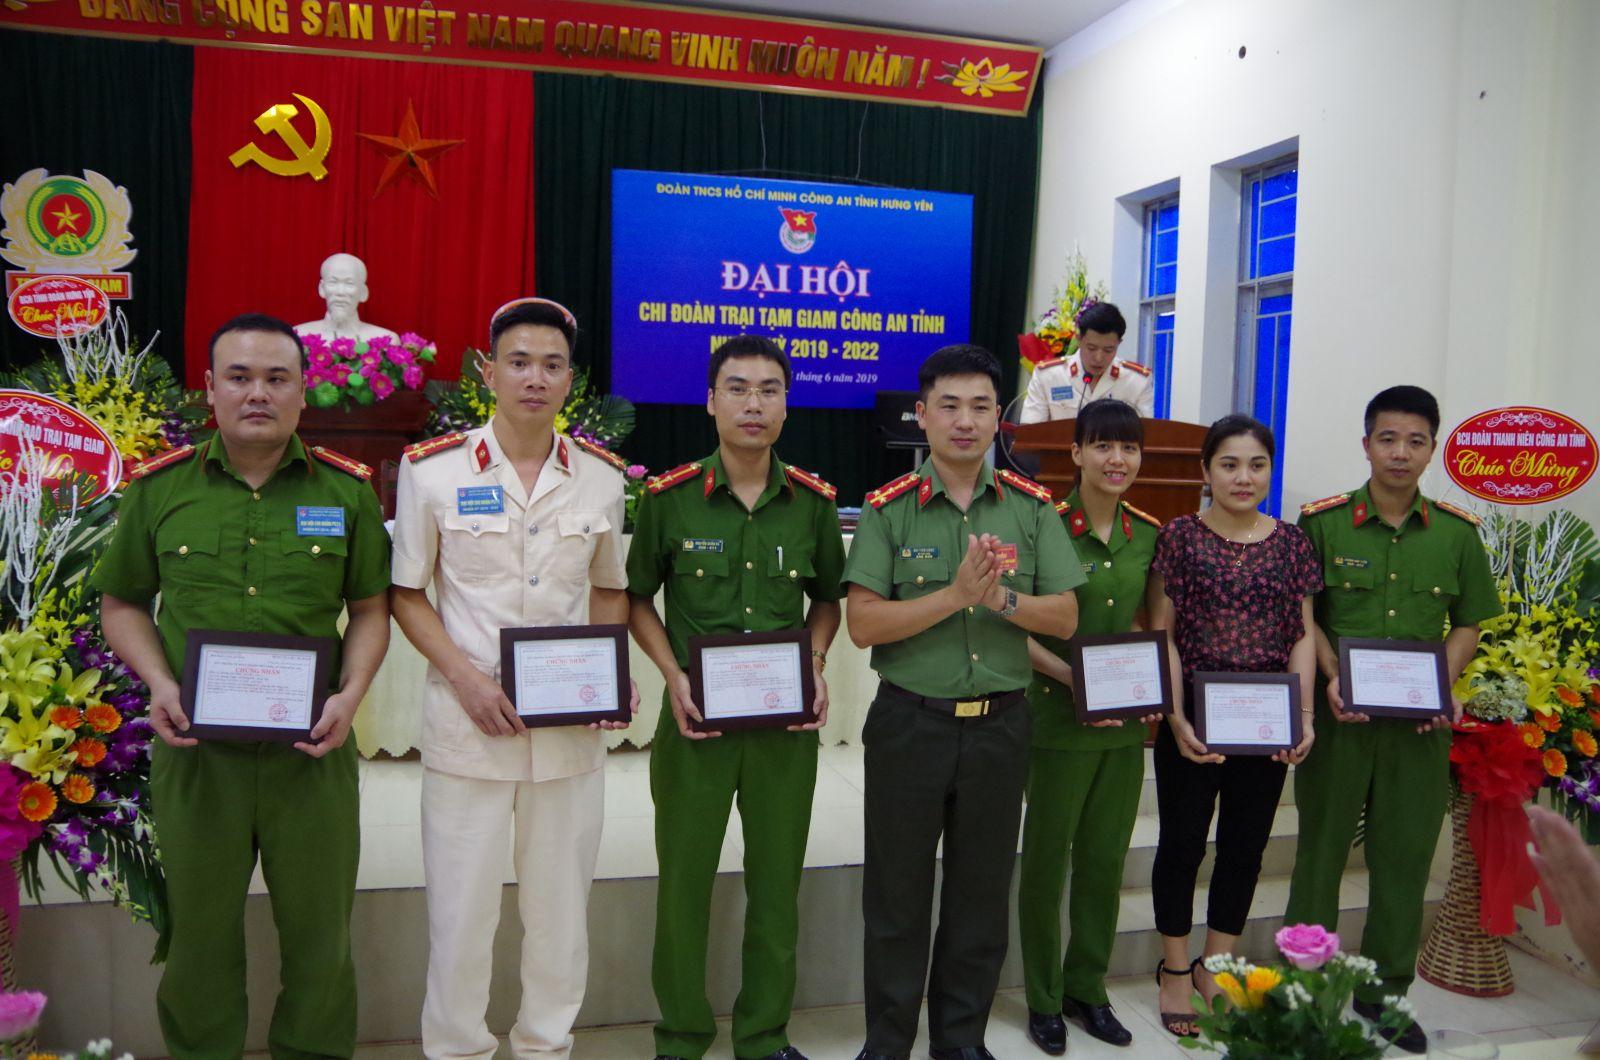 Đoàn thanh niên Công an tỉnh tổ chức Đại hội điểm cấp cơ sở, nhiệm kỳ 2019-2022